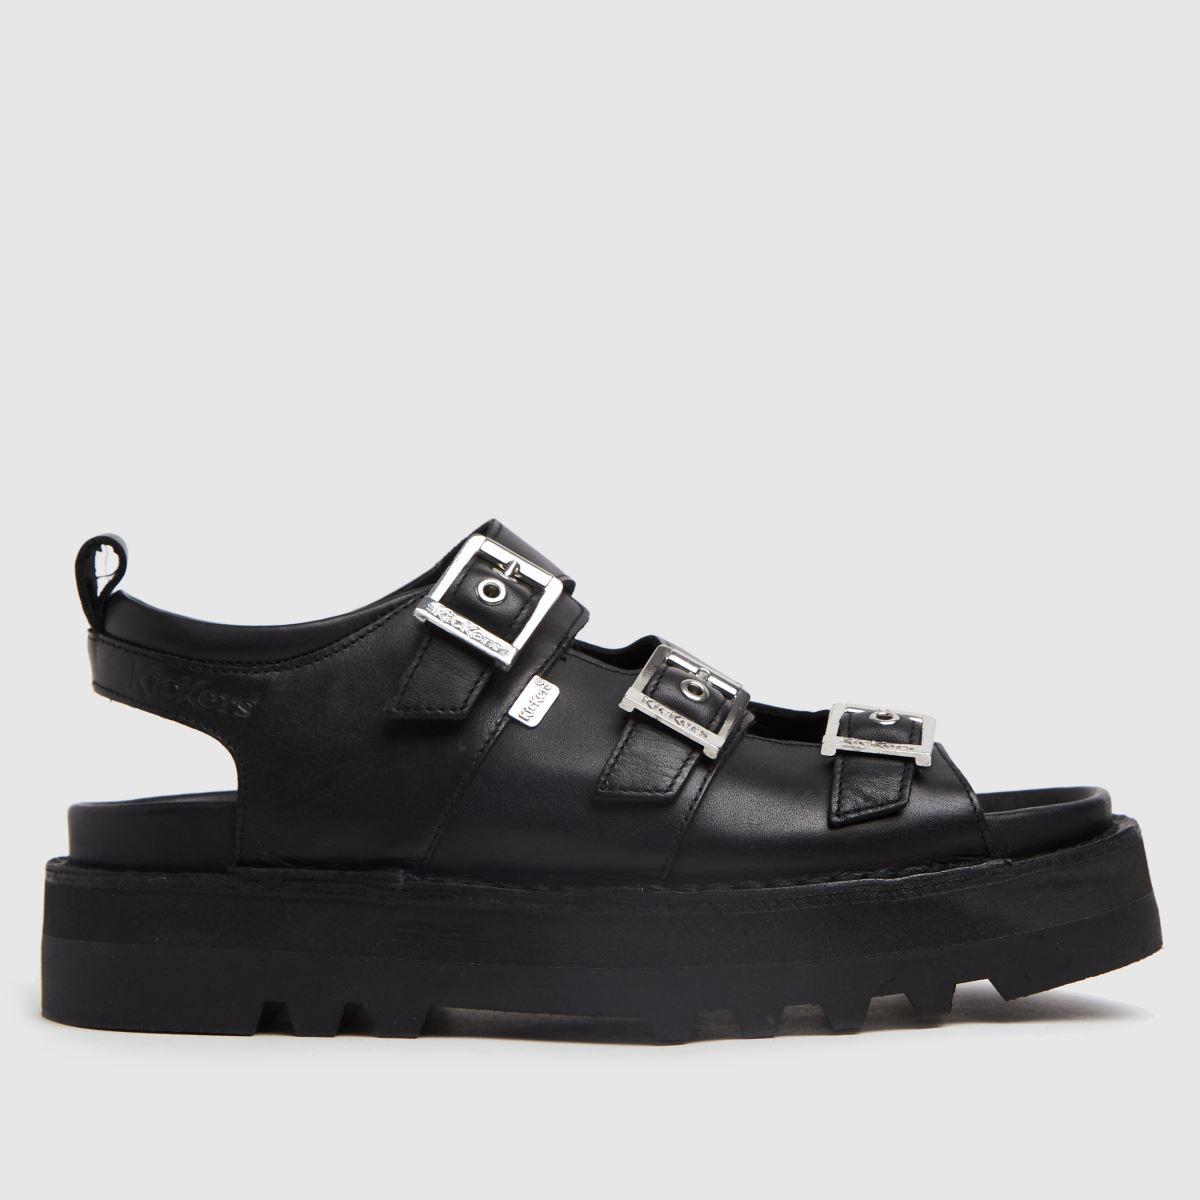 Kickers Black Knox Lo Buckle Sandals